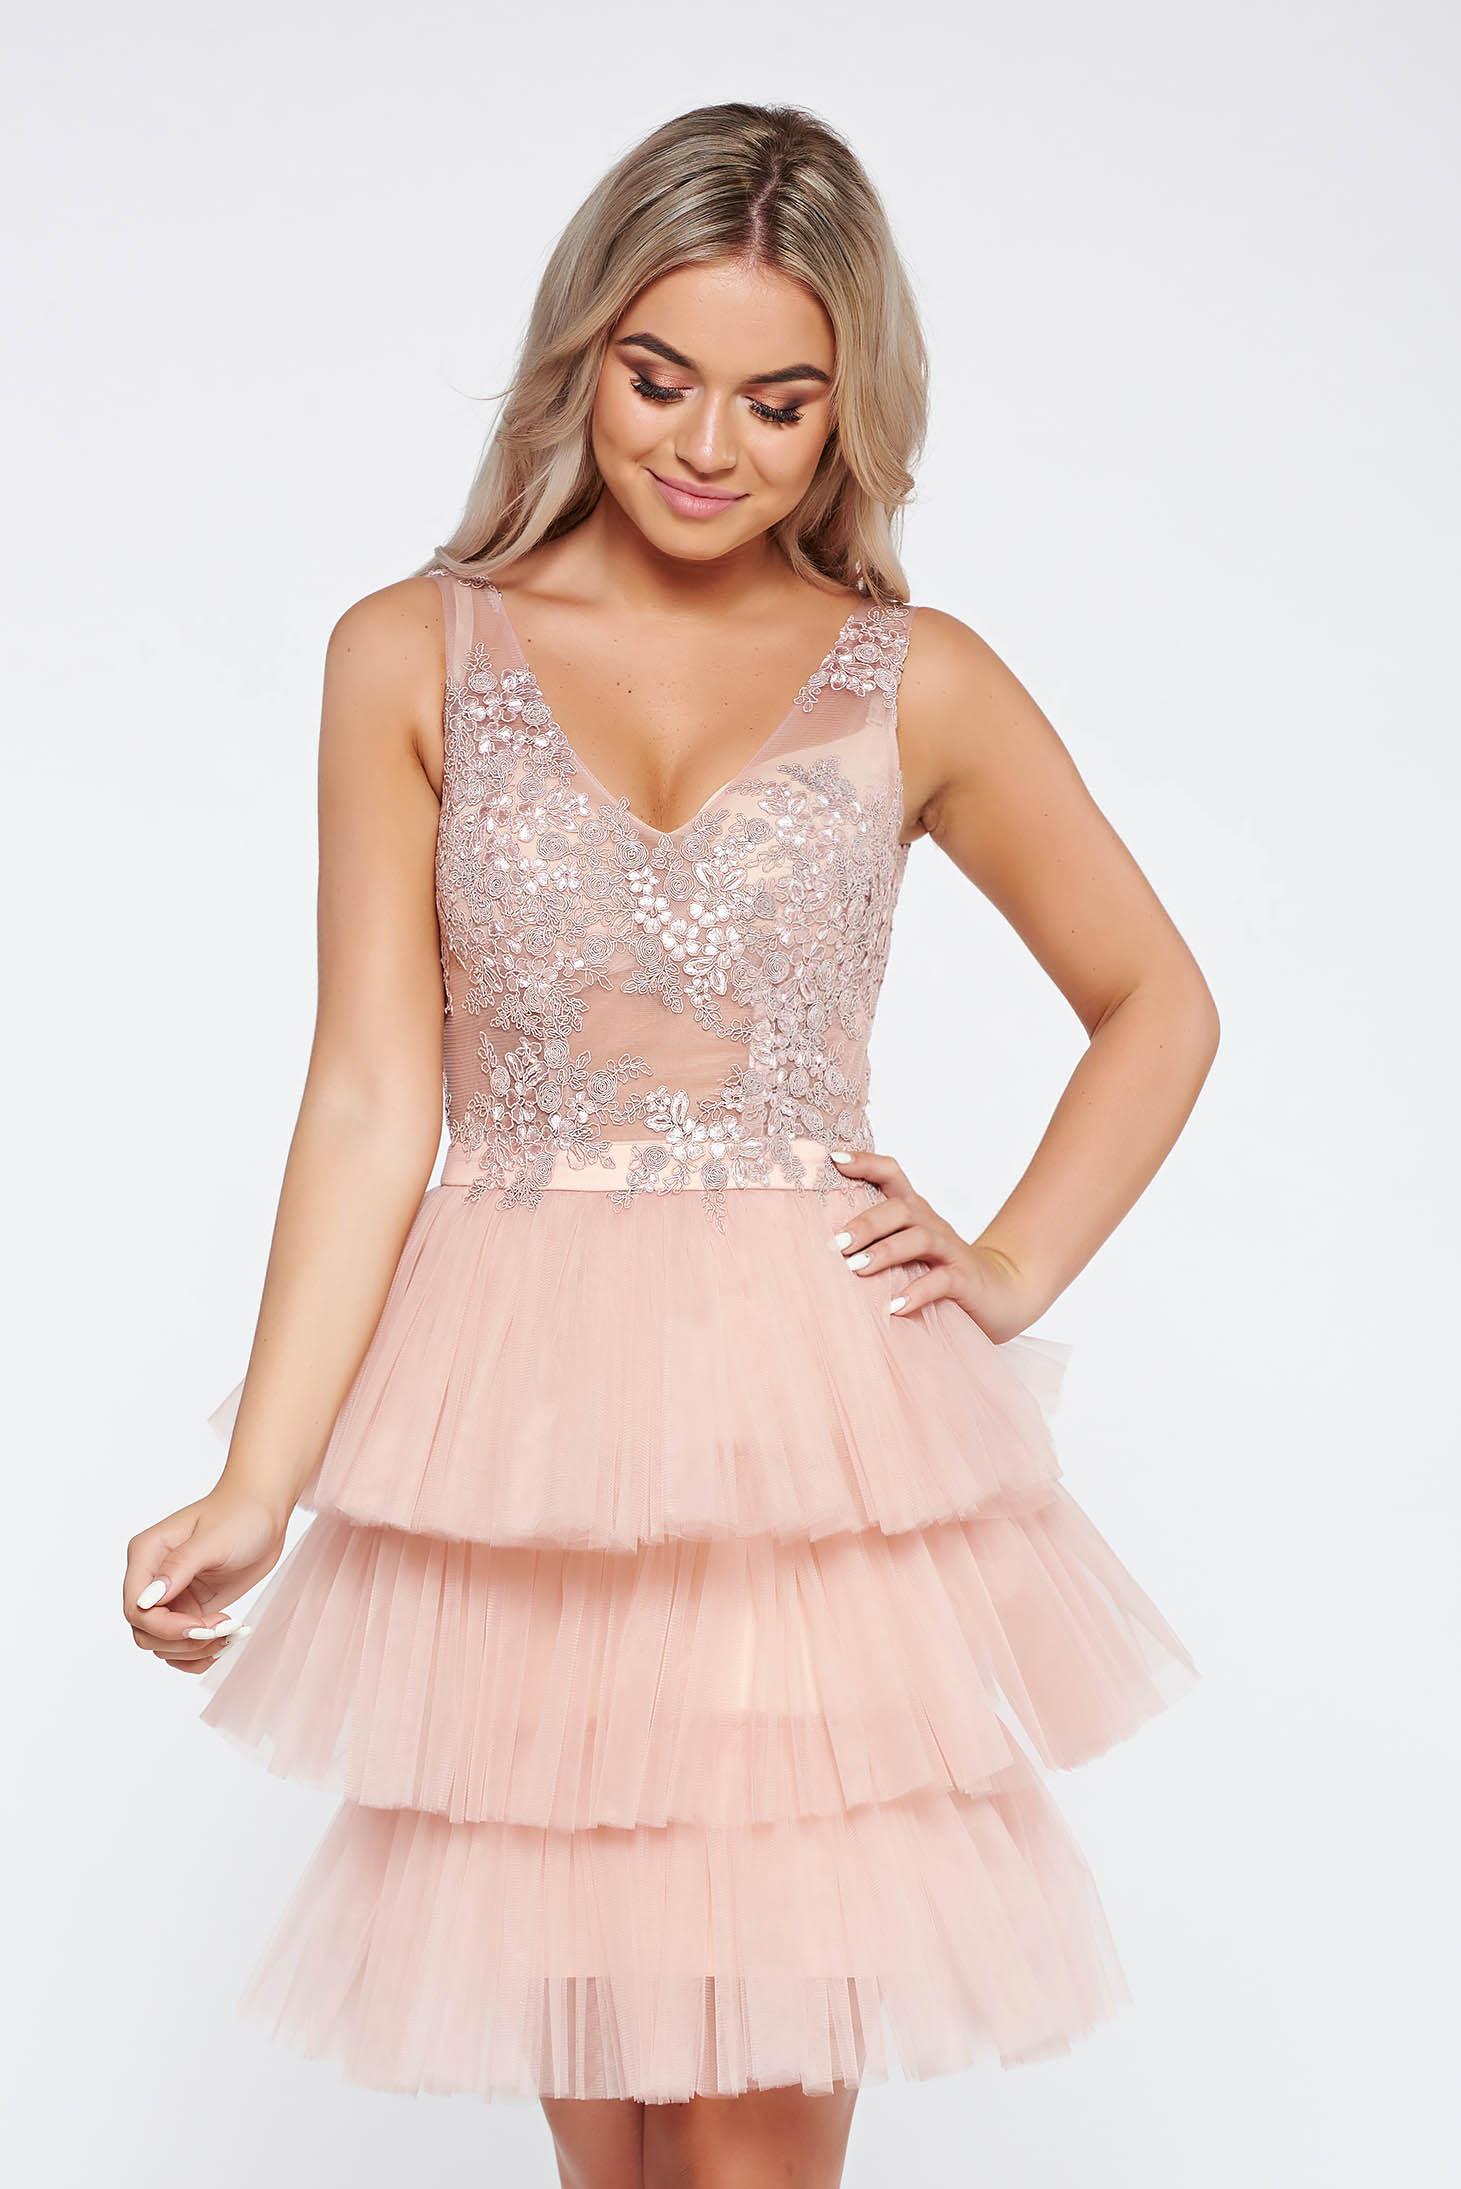 d73c7d3858 Rózsaszínű LaDonna alkalmi ruha belső béléssel tüll csipkés anyagból  virágos díszek 3d effekt